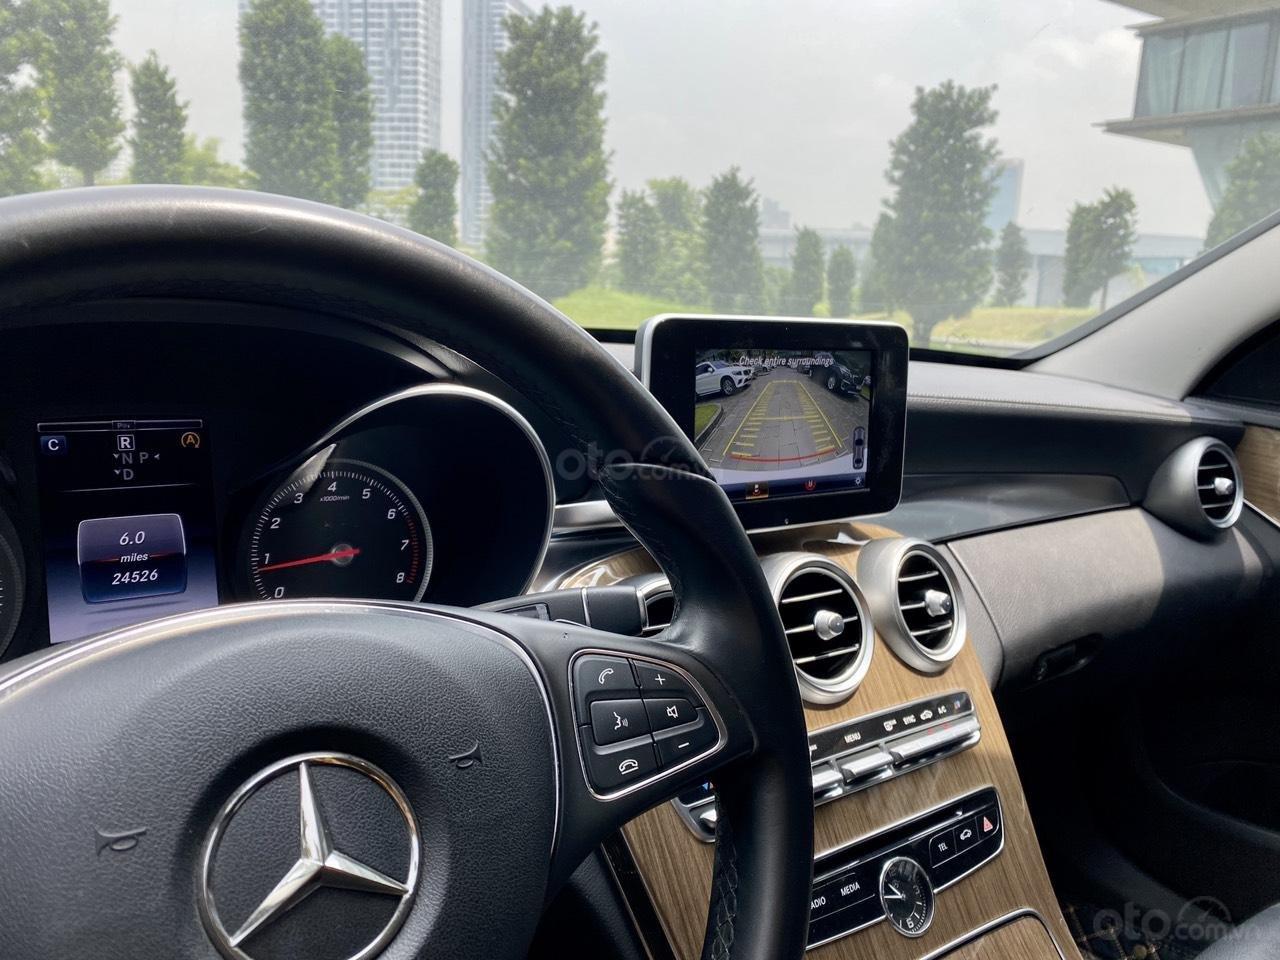 Mercedes C250 SX 2015 model 2016 màu trắng nội thất đen (11)